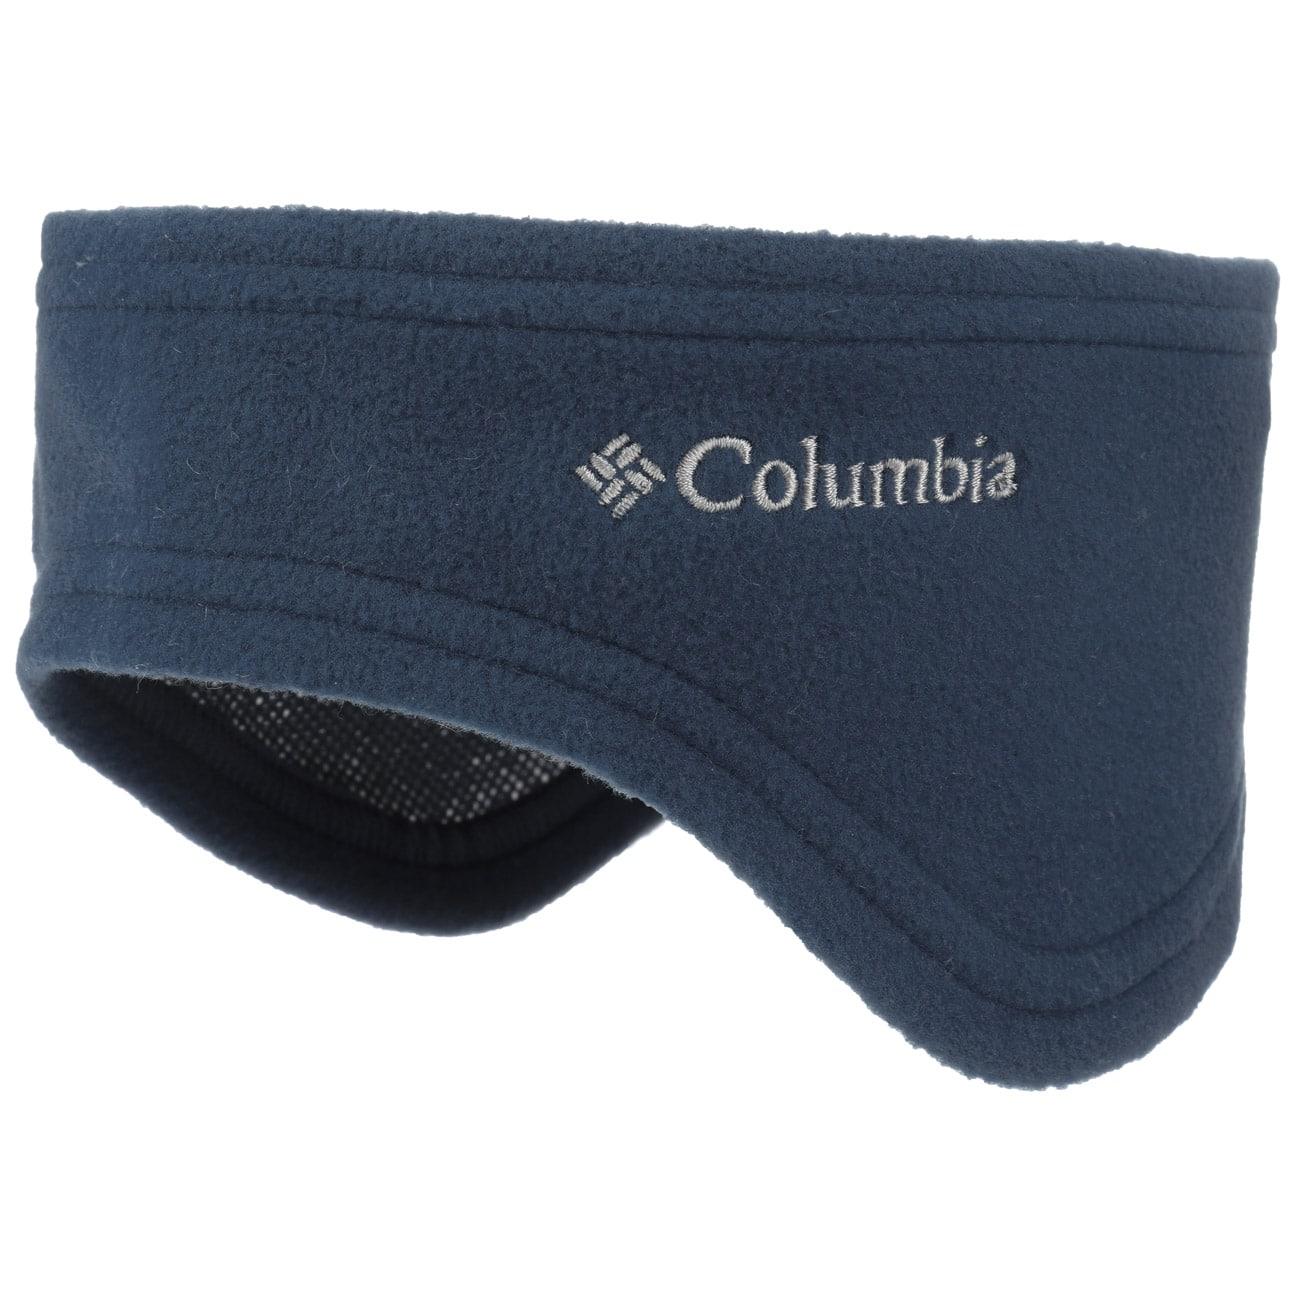 Cinta para Cabeza Thermarator by Columbia  headband